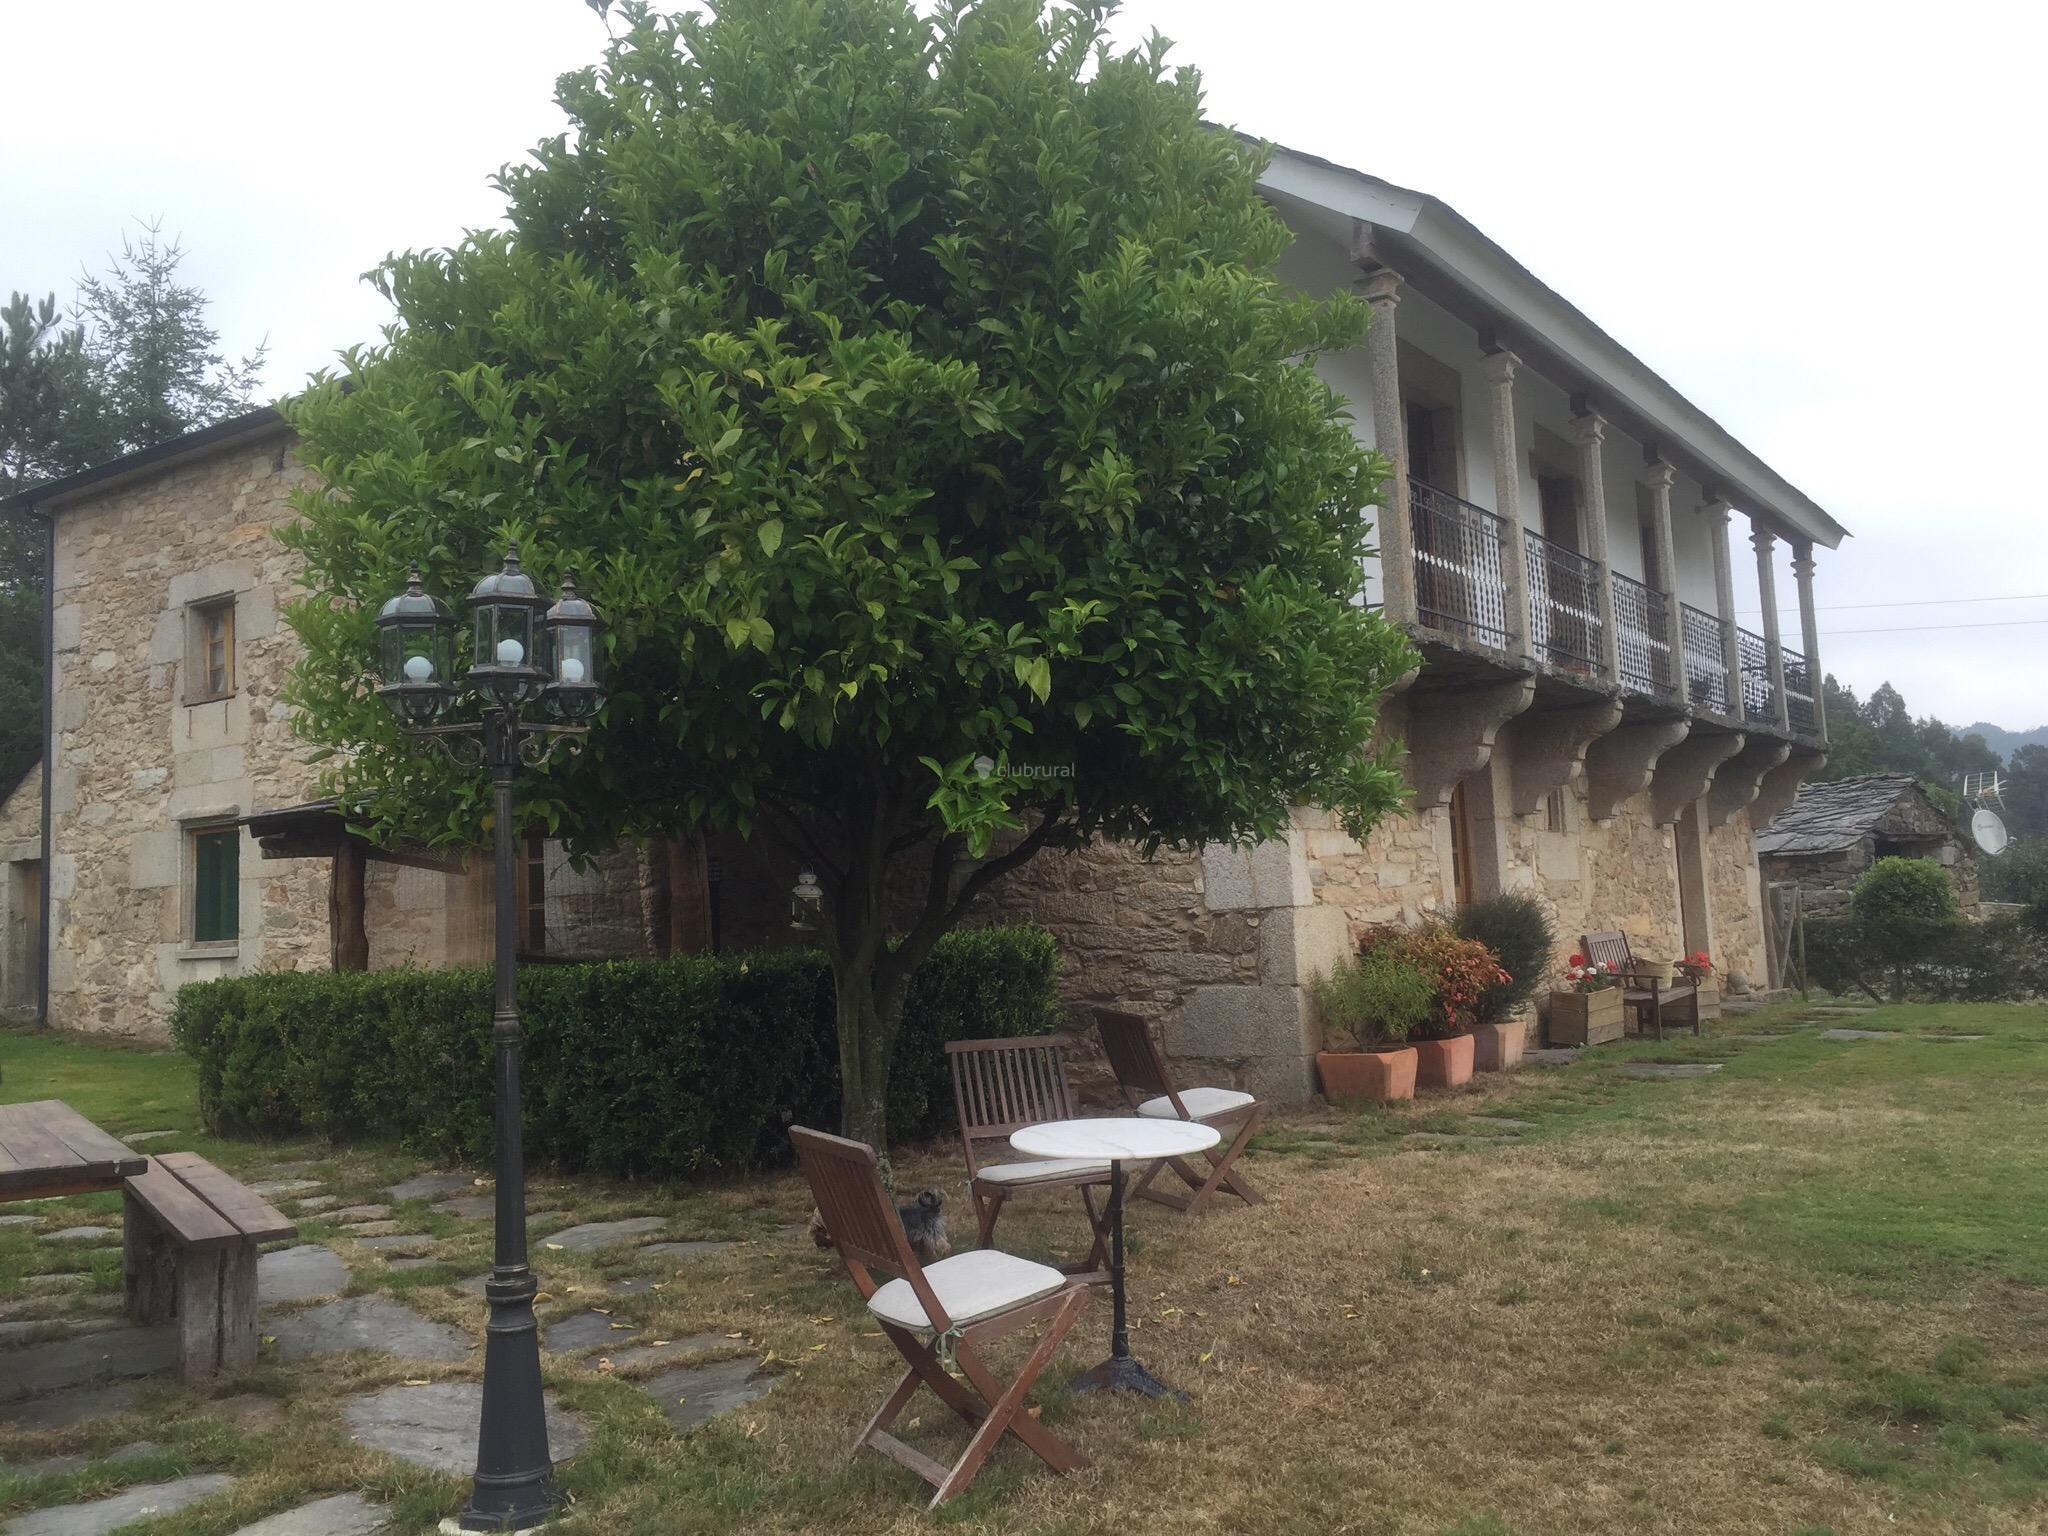 Fotos de hotel de naturaleza casa fragas do eume a - Casas en a coruna ...